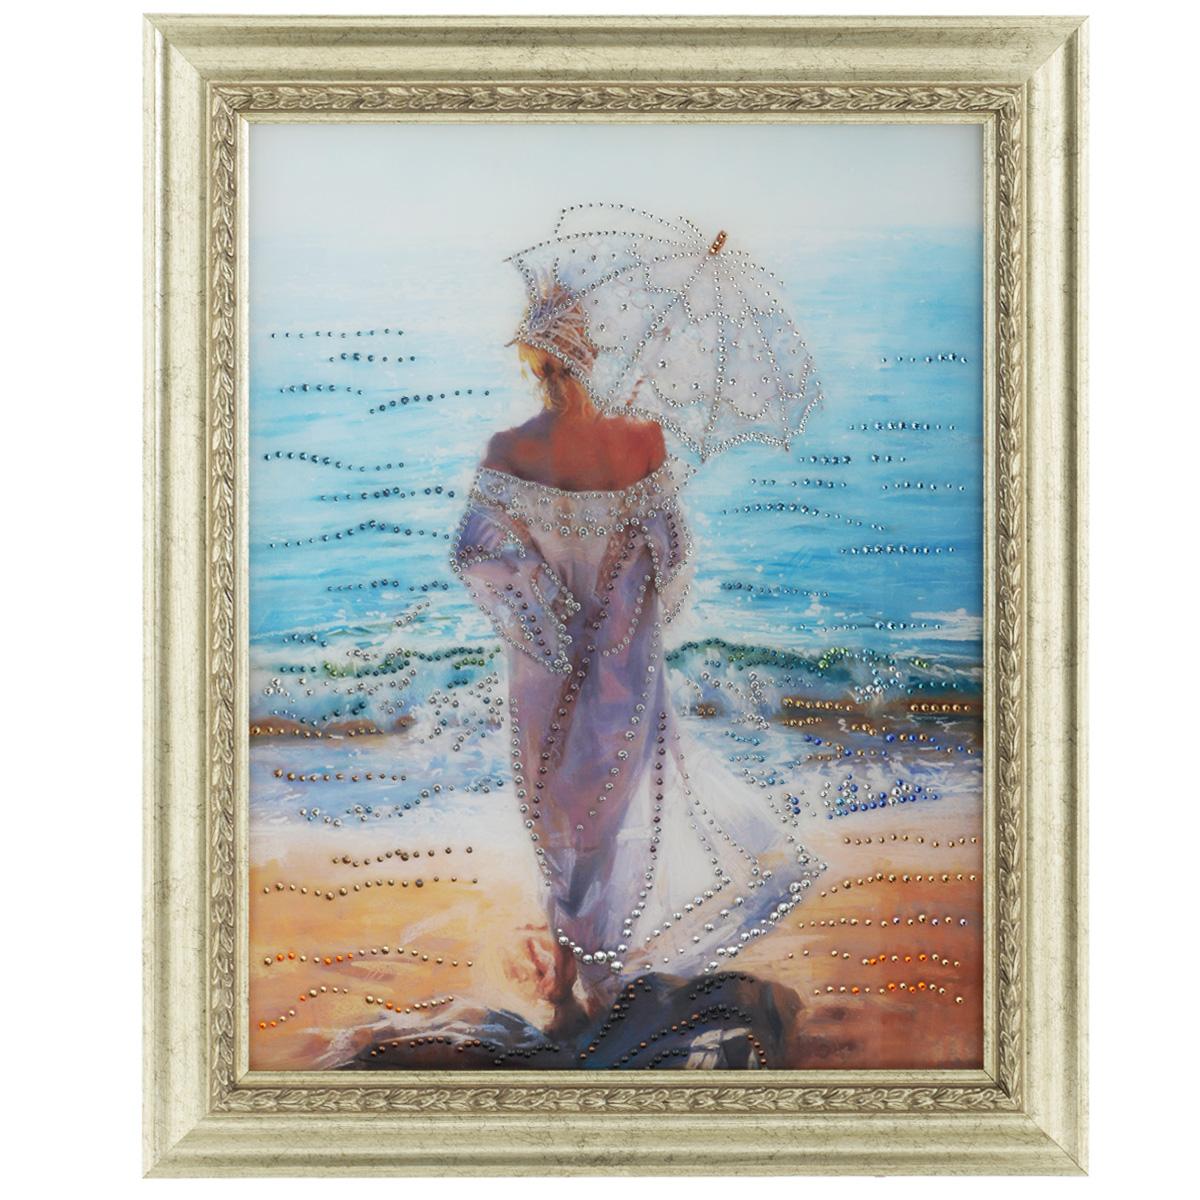 Картина с кристаллами Swarovski Влюбленная в море, 50 см х 60 см1071Изящная картина в багетной раме, инкрустирована кристаллами Swarovski, которые отличаются четкой и ровной огранкой, ярким блеском и чистотой цвета. Красочное изображение овечки, расположенное под стеклом, прекрасно дополняет блеск кристаллов. С обратной стороны имеется металлическая петелька для размещения картины на стене. Картина с кристаллами Swarovski Влюбленная в море элегантно украсит интерьер дома или офиса, а также станет прекрасным подарком, который обязательно понравится получателю. Блеск кристаллов в интерьере, что может быть сказочнее и удивительнее. Картина упакована в подарочную картонную коробку красного цвета и комплектуется сертификатом соответствия Swarovski.